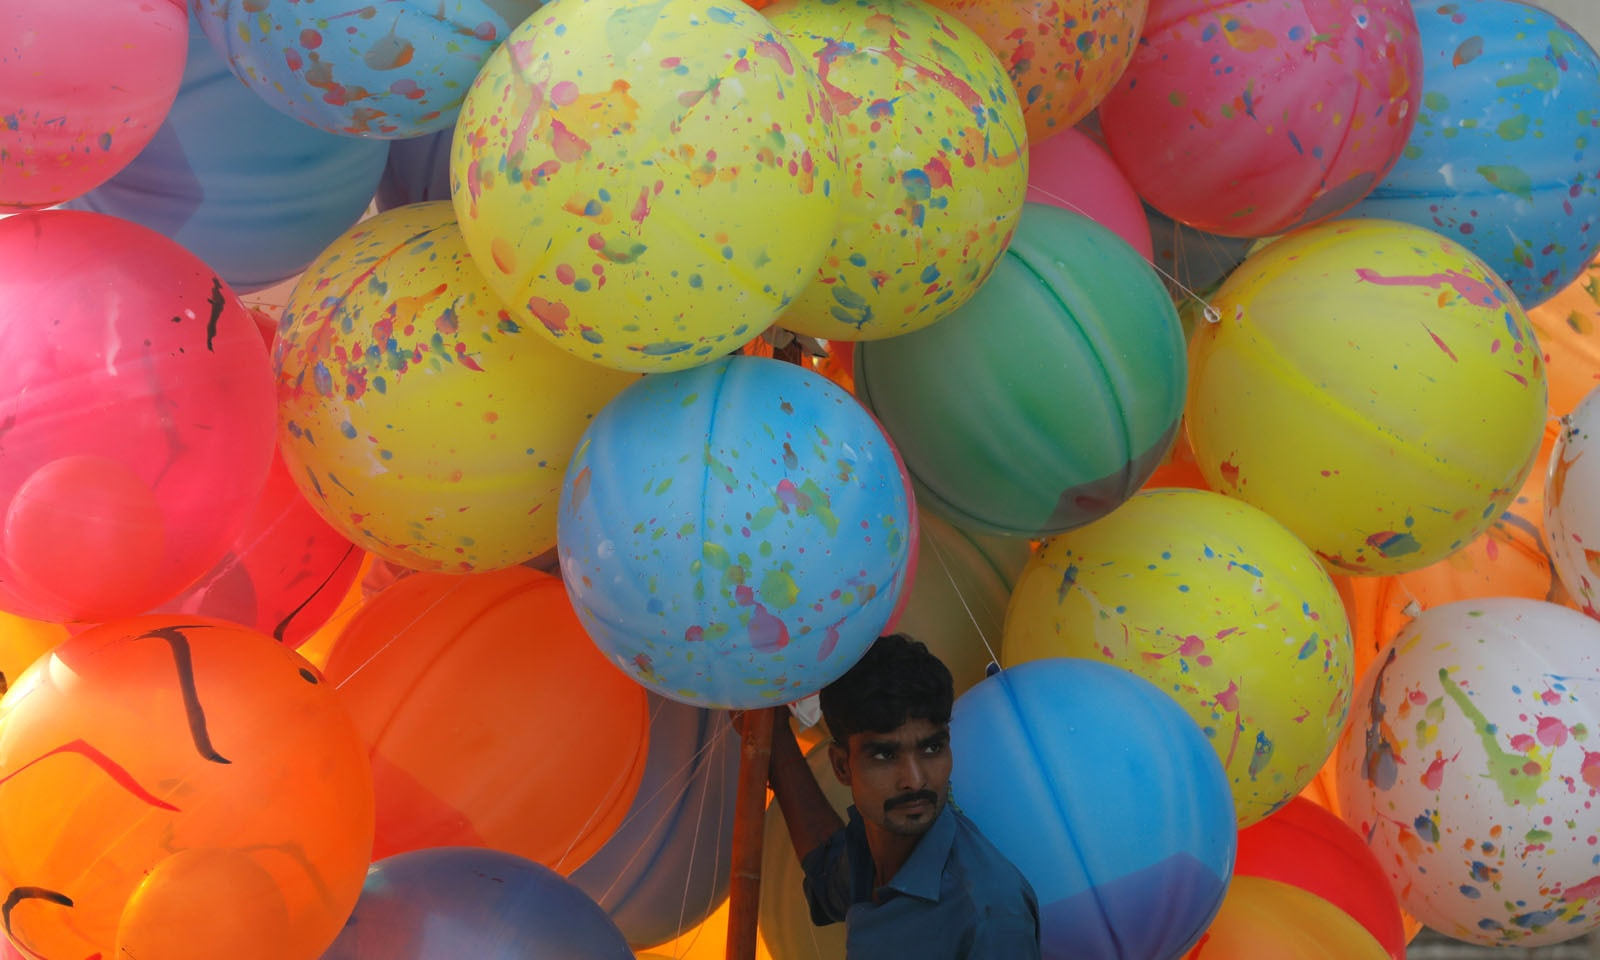 کراچی میں مساجد کے باہر بچوں کے لیے غباروں کے اسٹالز لگائے گئے —فوٹو/ رائٹرز